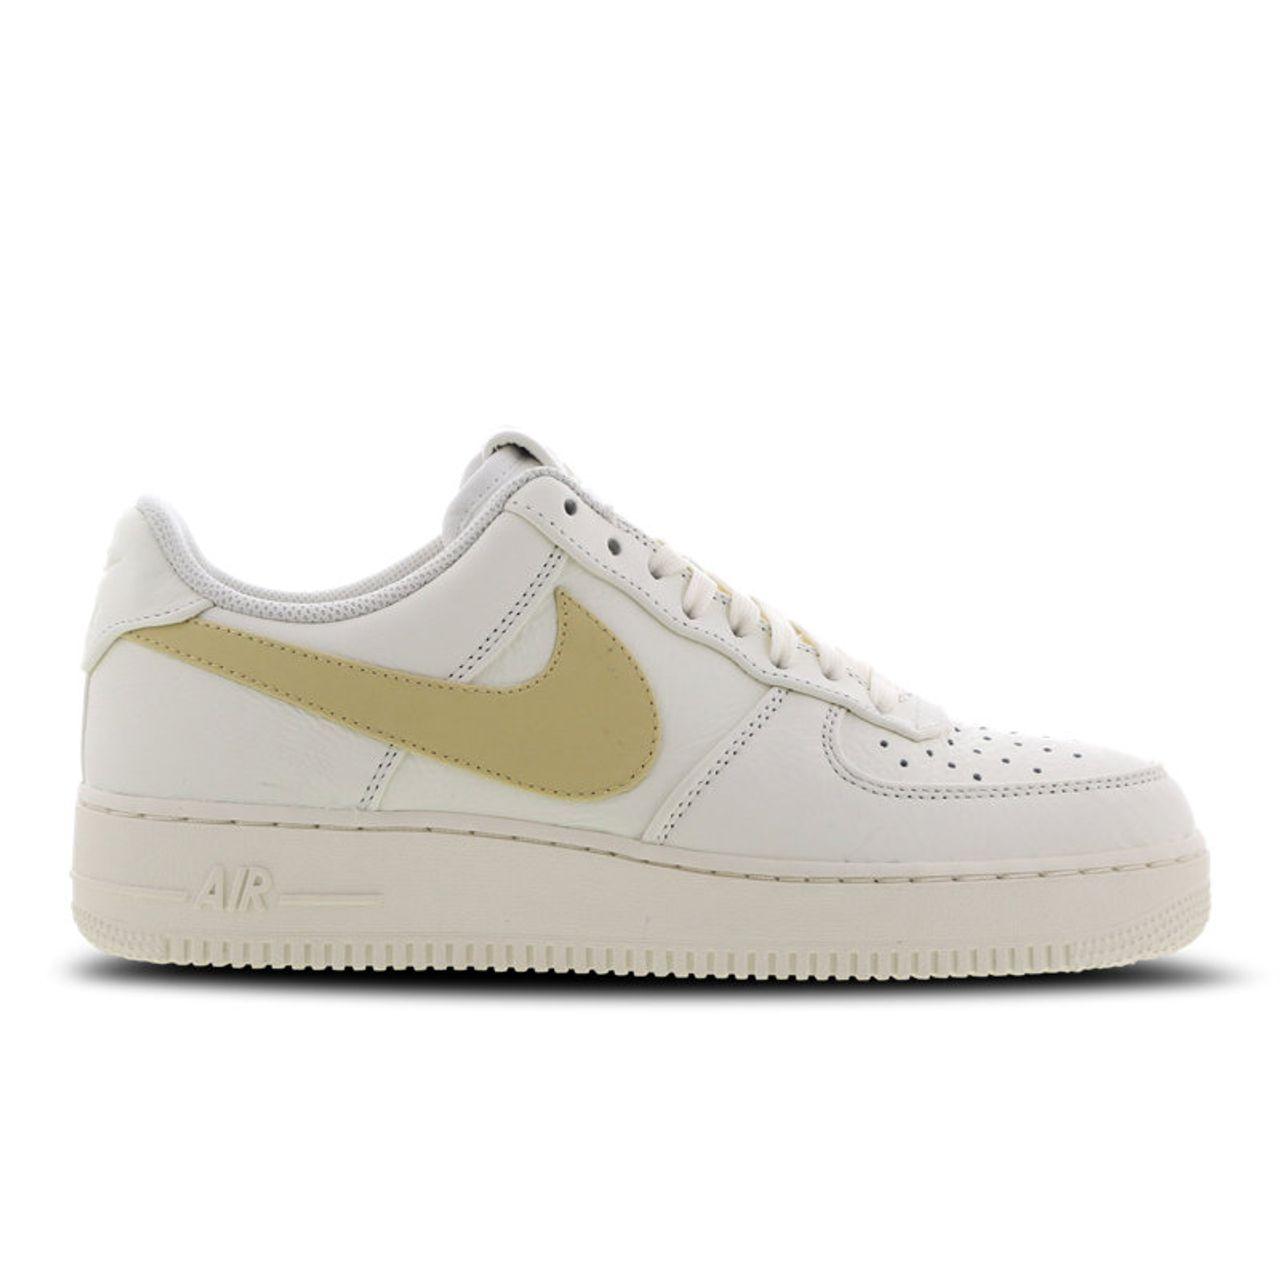 reputable site 8661b 20ca5 Nike Air Force 1 Low - Heren Schoenen AT4143-101 - Vergelijk prijzen